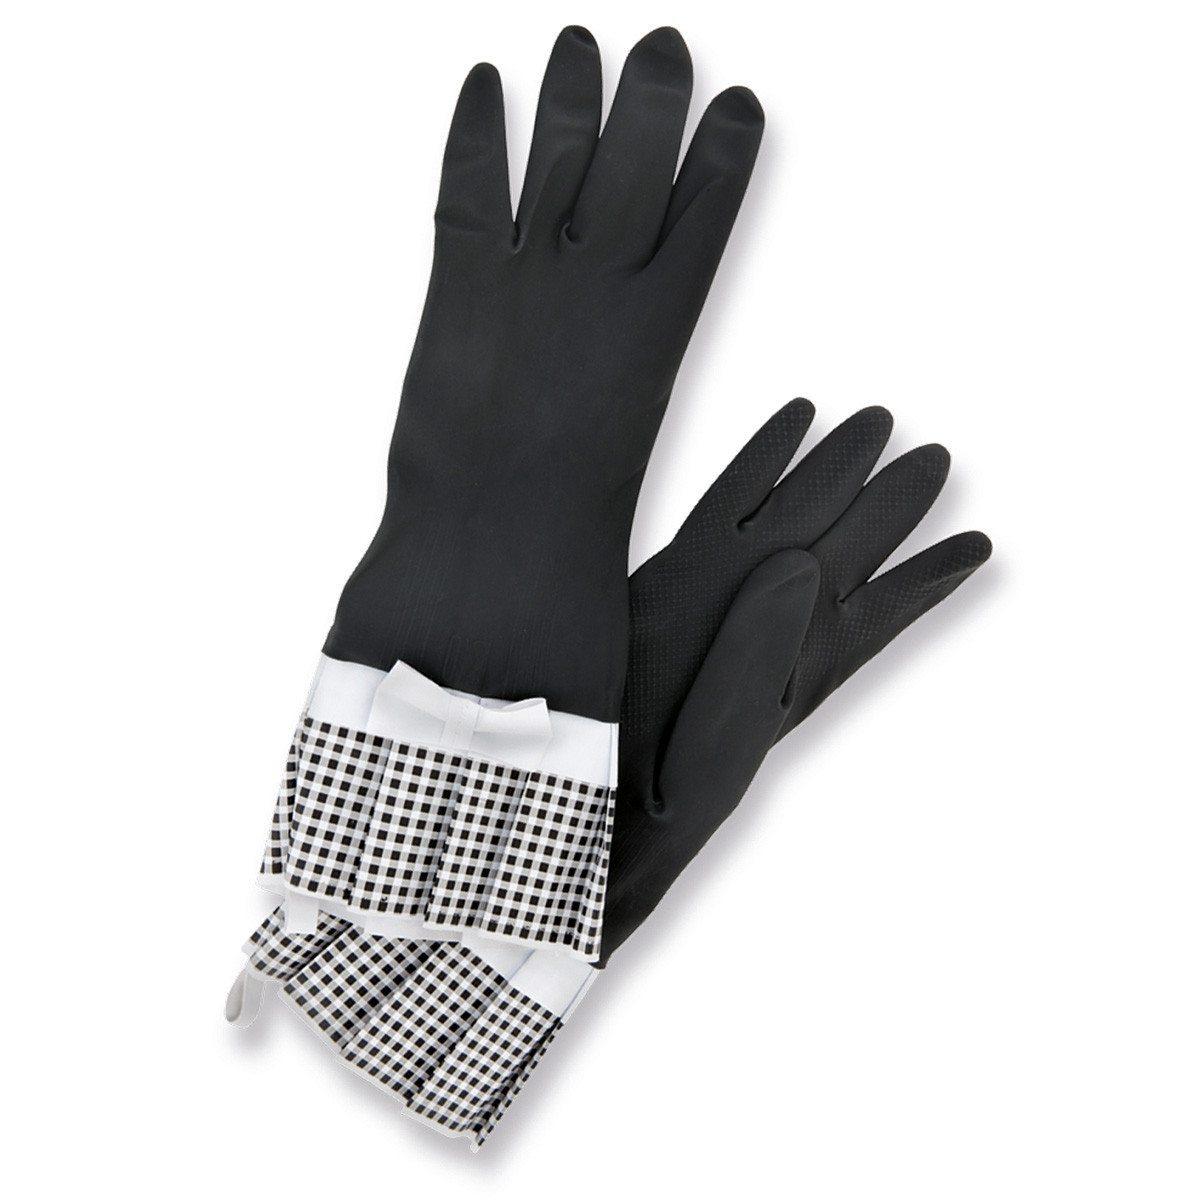 Spül-Handschuhe im 50er Stil